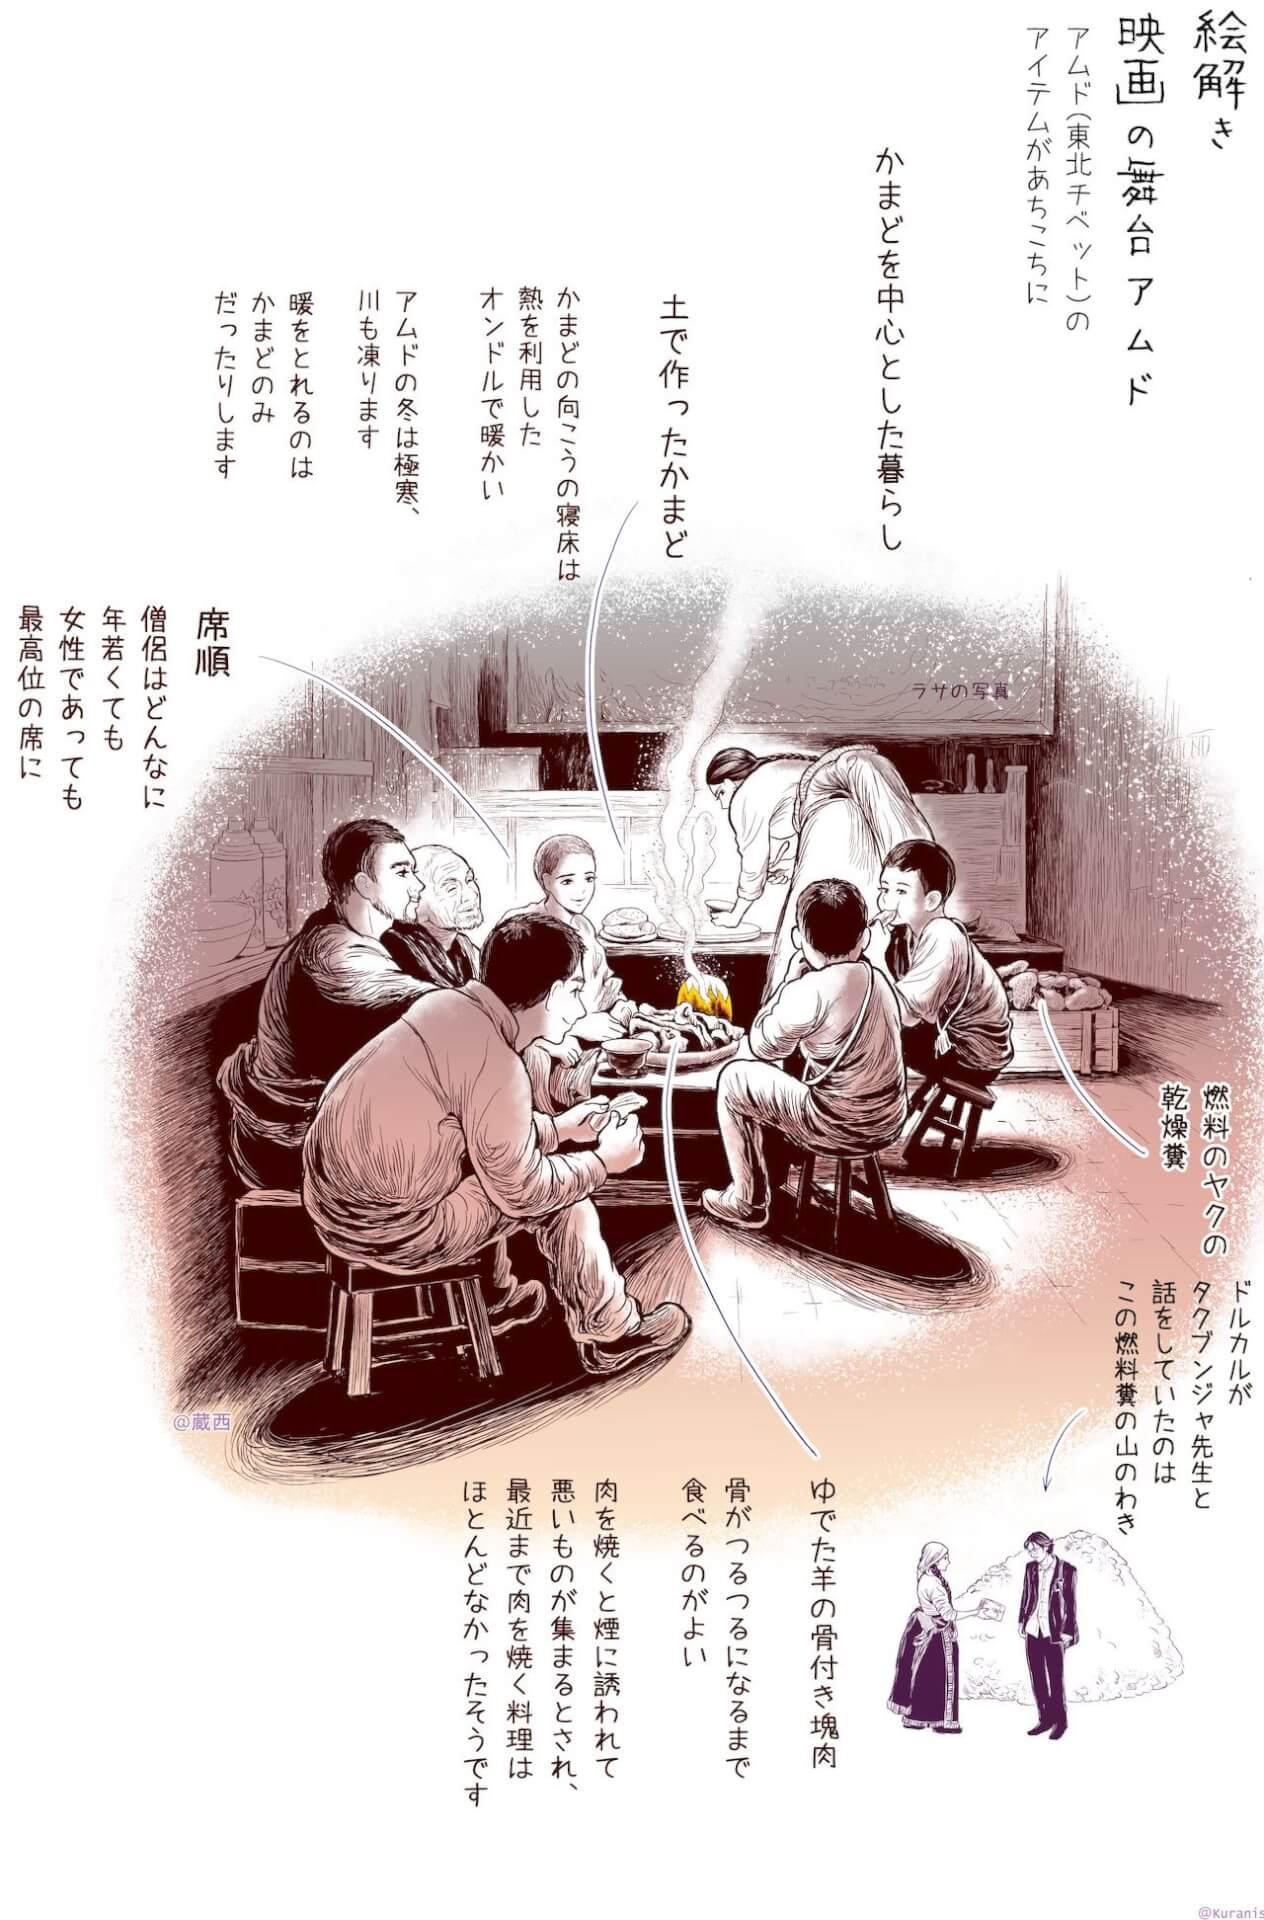 チベットの大草原で伝統と価値観に向き合う。ペマ・ツェテン監督作『羊飼いと風船』が劇場公開 文化を紐解く蔵西氏のイラストも解禁に film210108-hitsujikai-3